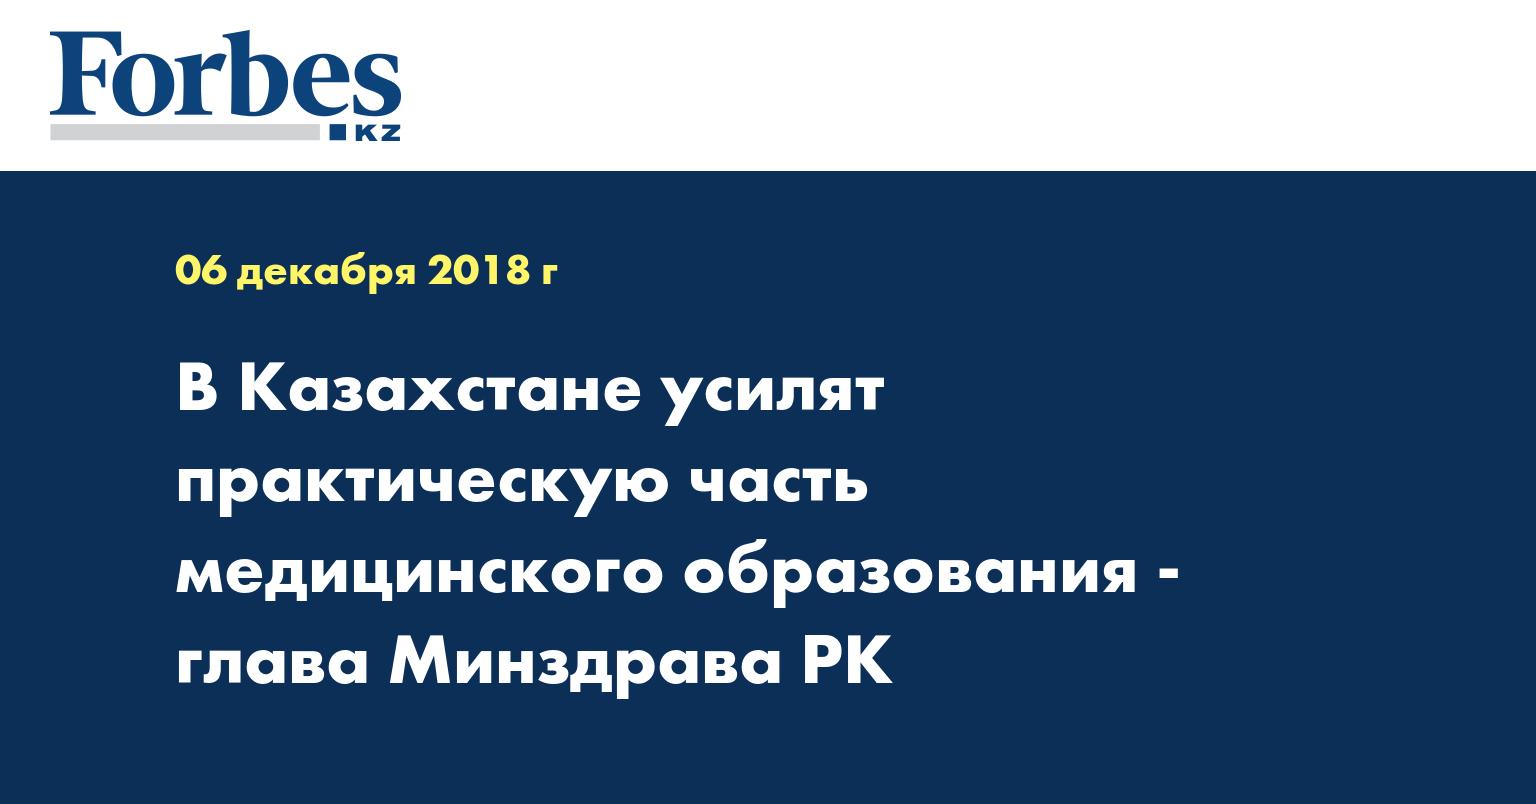 В Казахстане усилят практическую часть медицинского образования - глава Минздрава РК